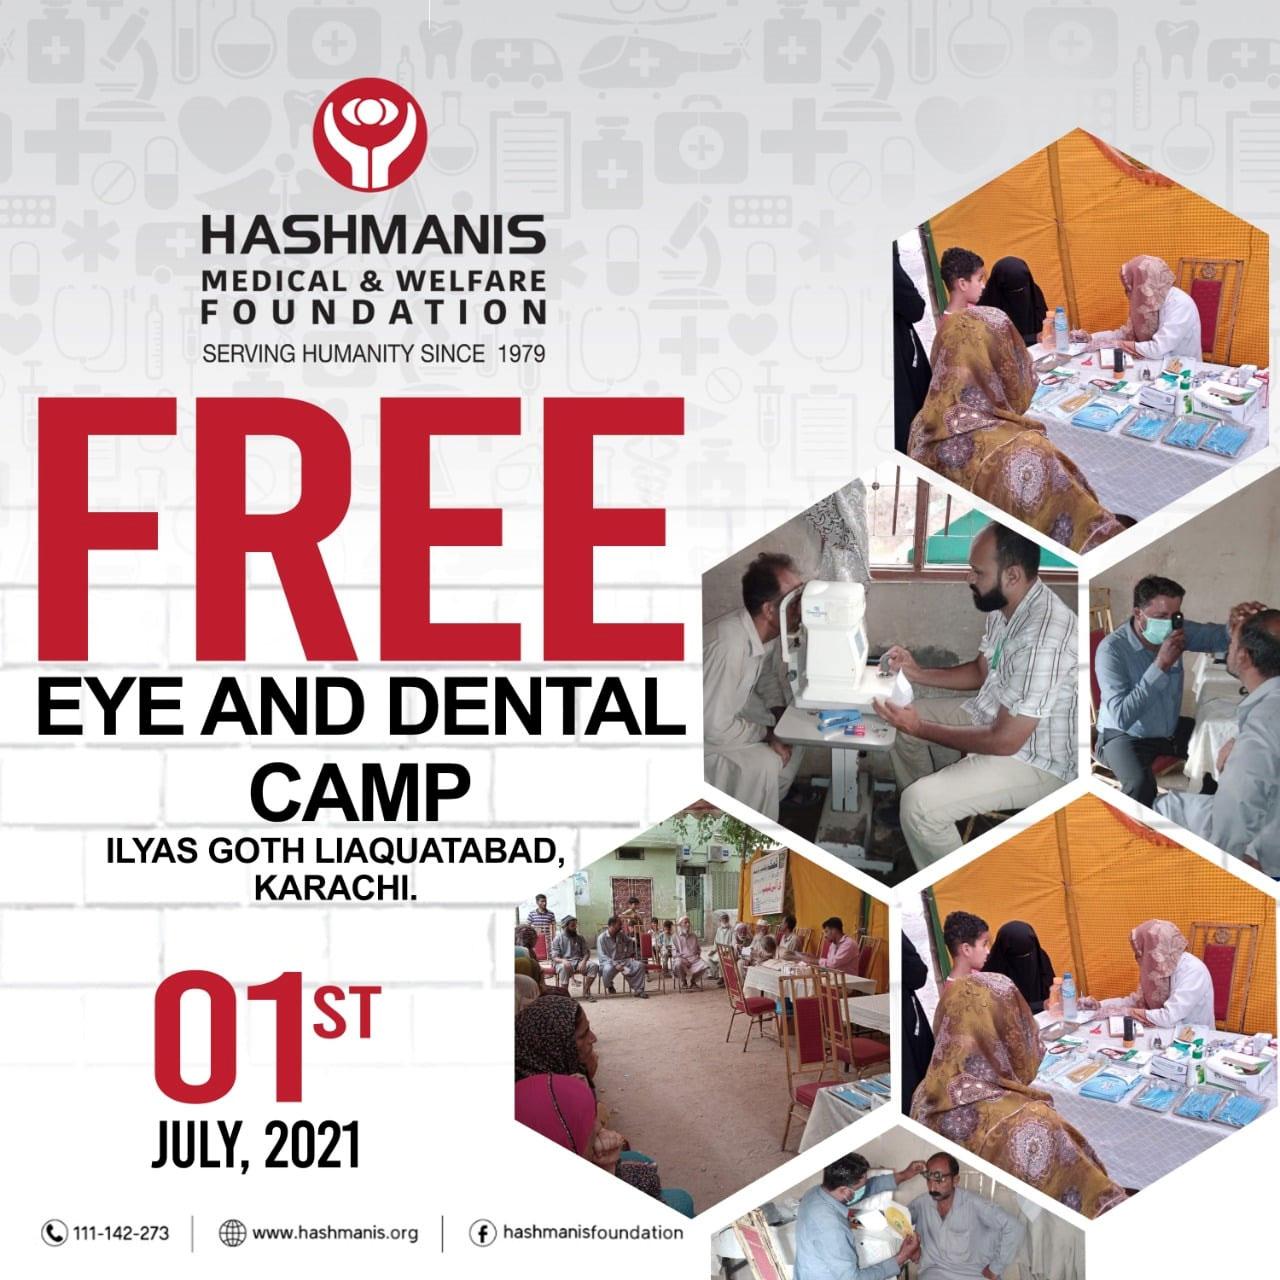 Eye & Dental Camp Ilyas Goth Liaquatabad